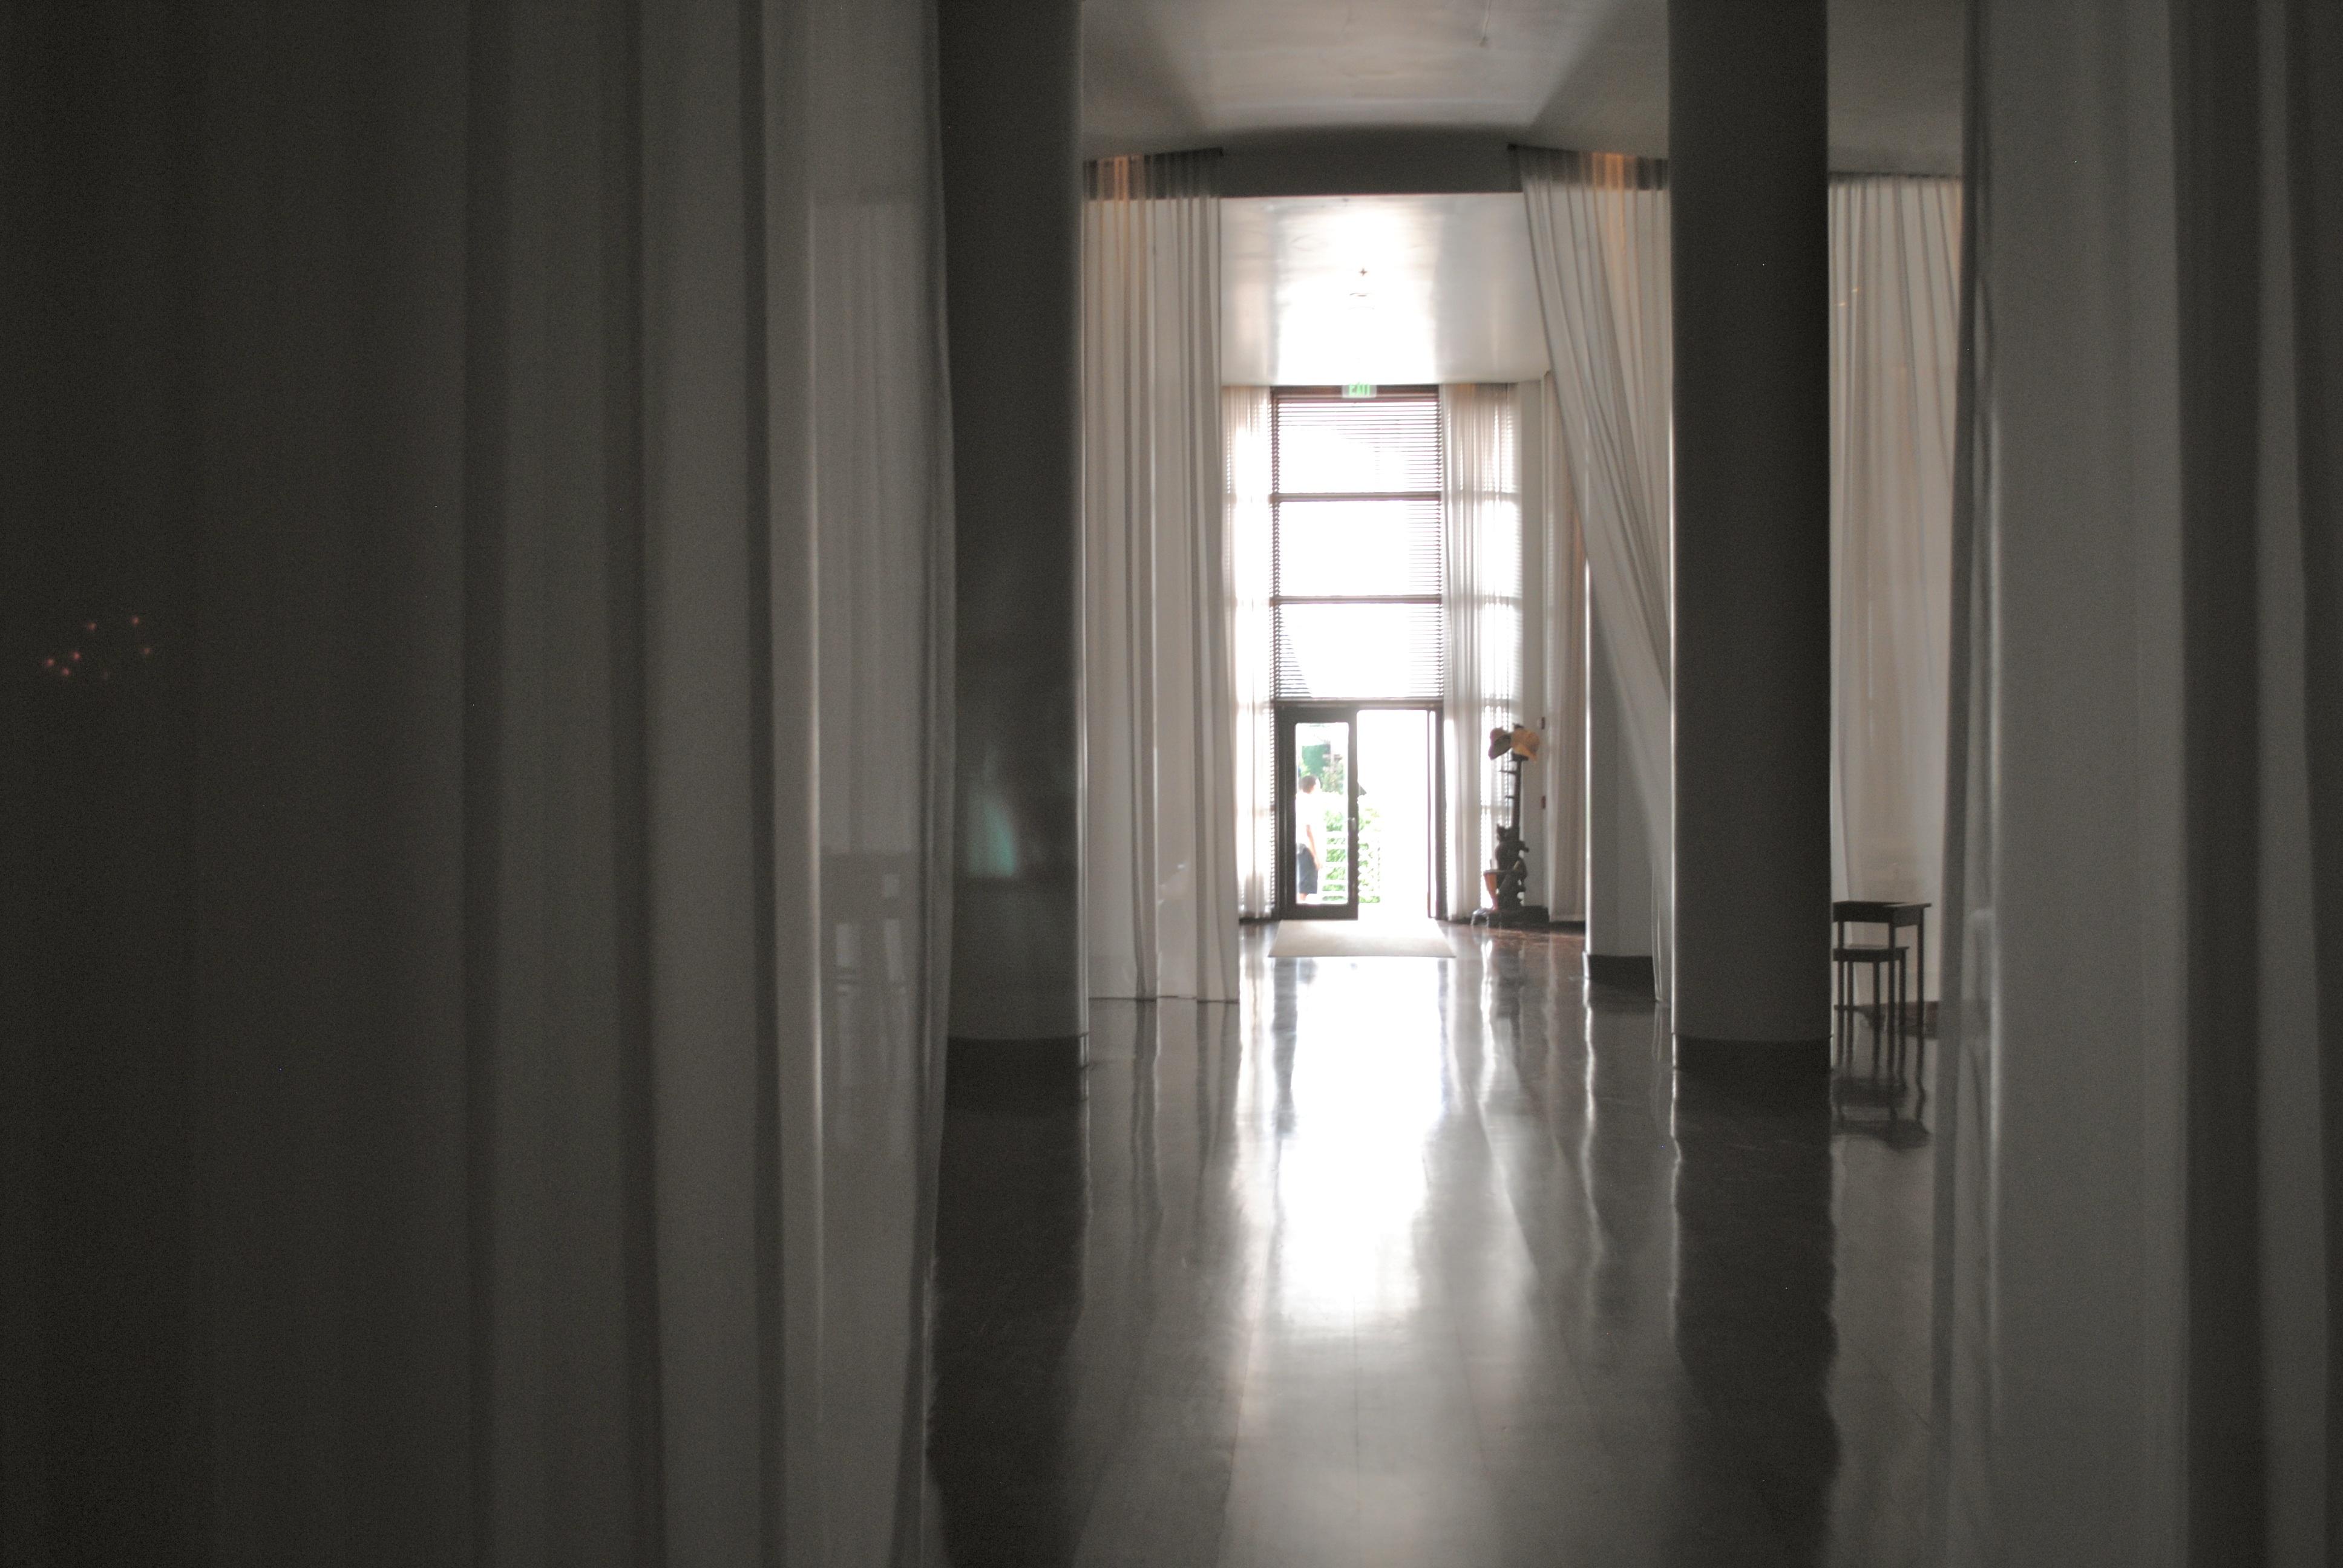 Innenarchitektur Halle kostenlose foto licht haus stock fenster zuhause halle